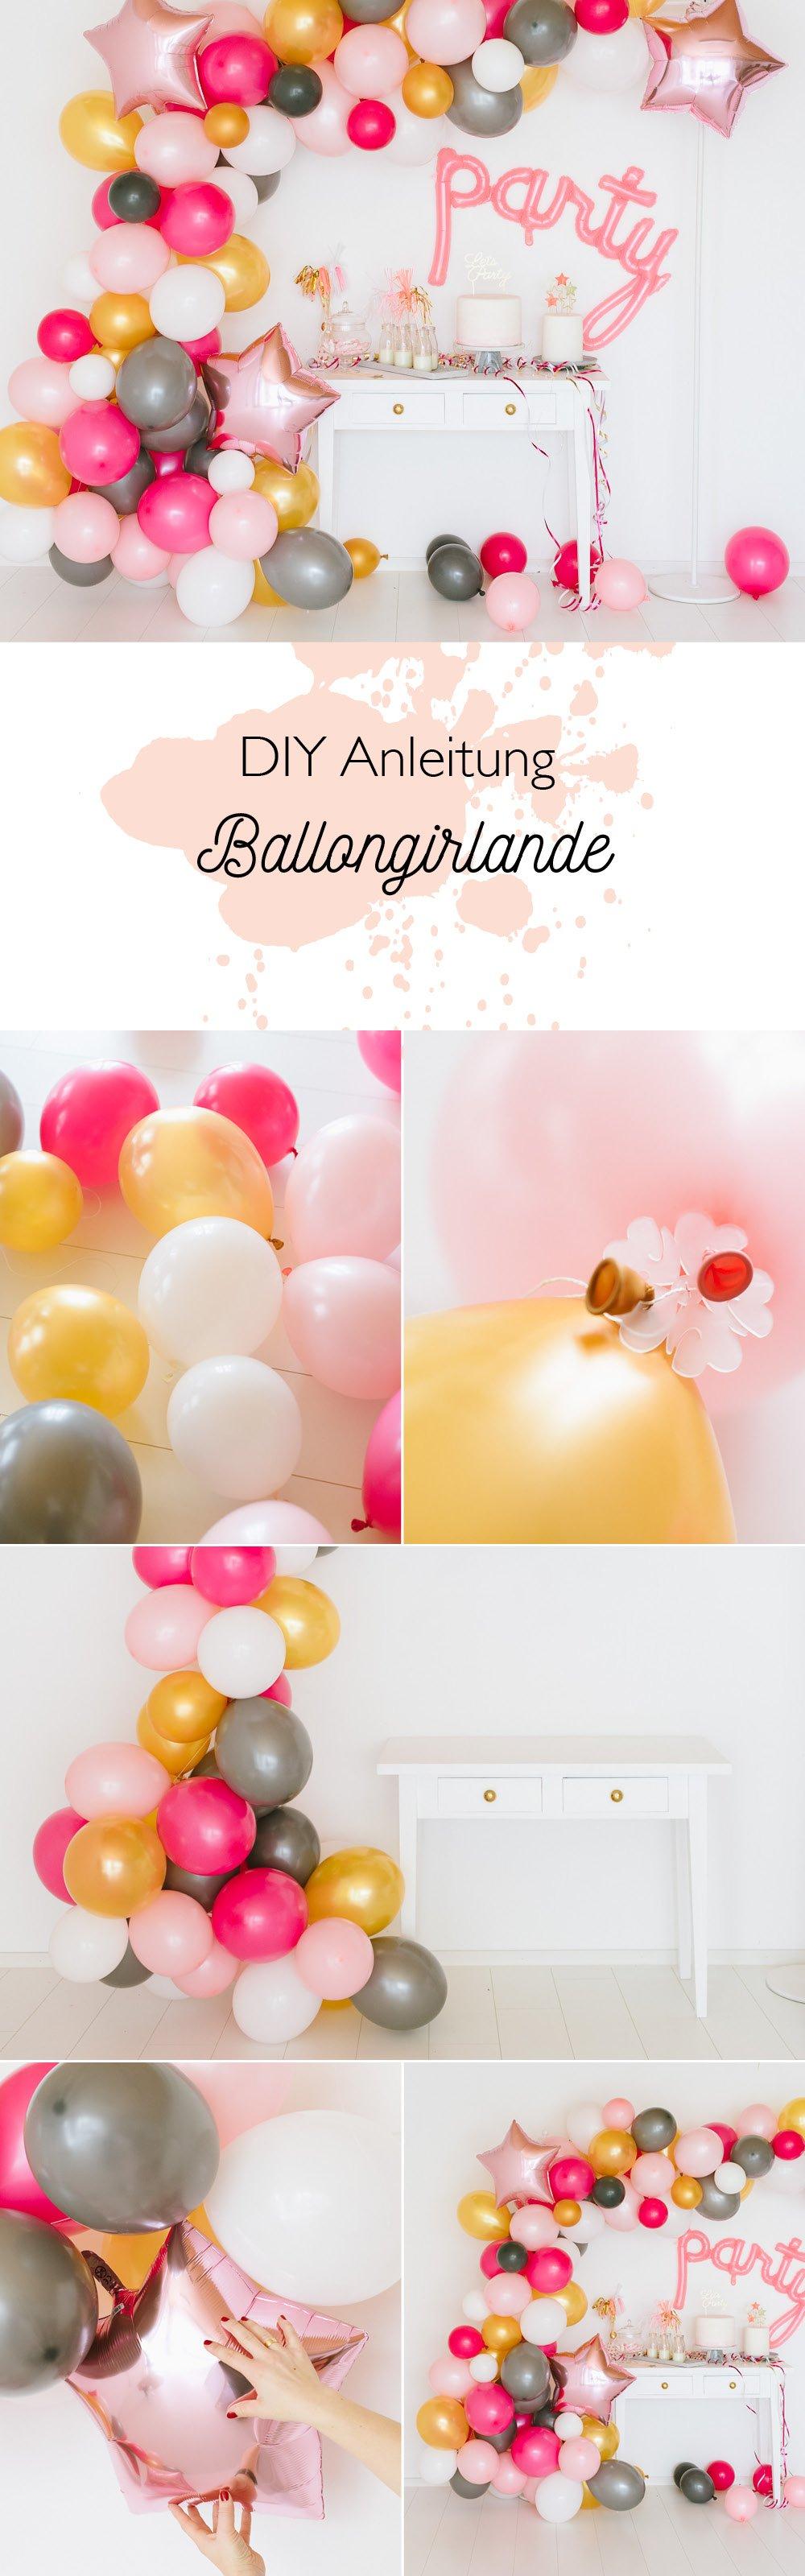 Anleitung DIY Luftballon Girlande